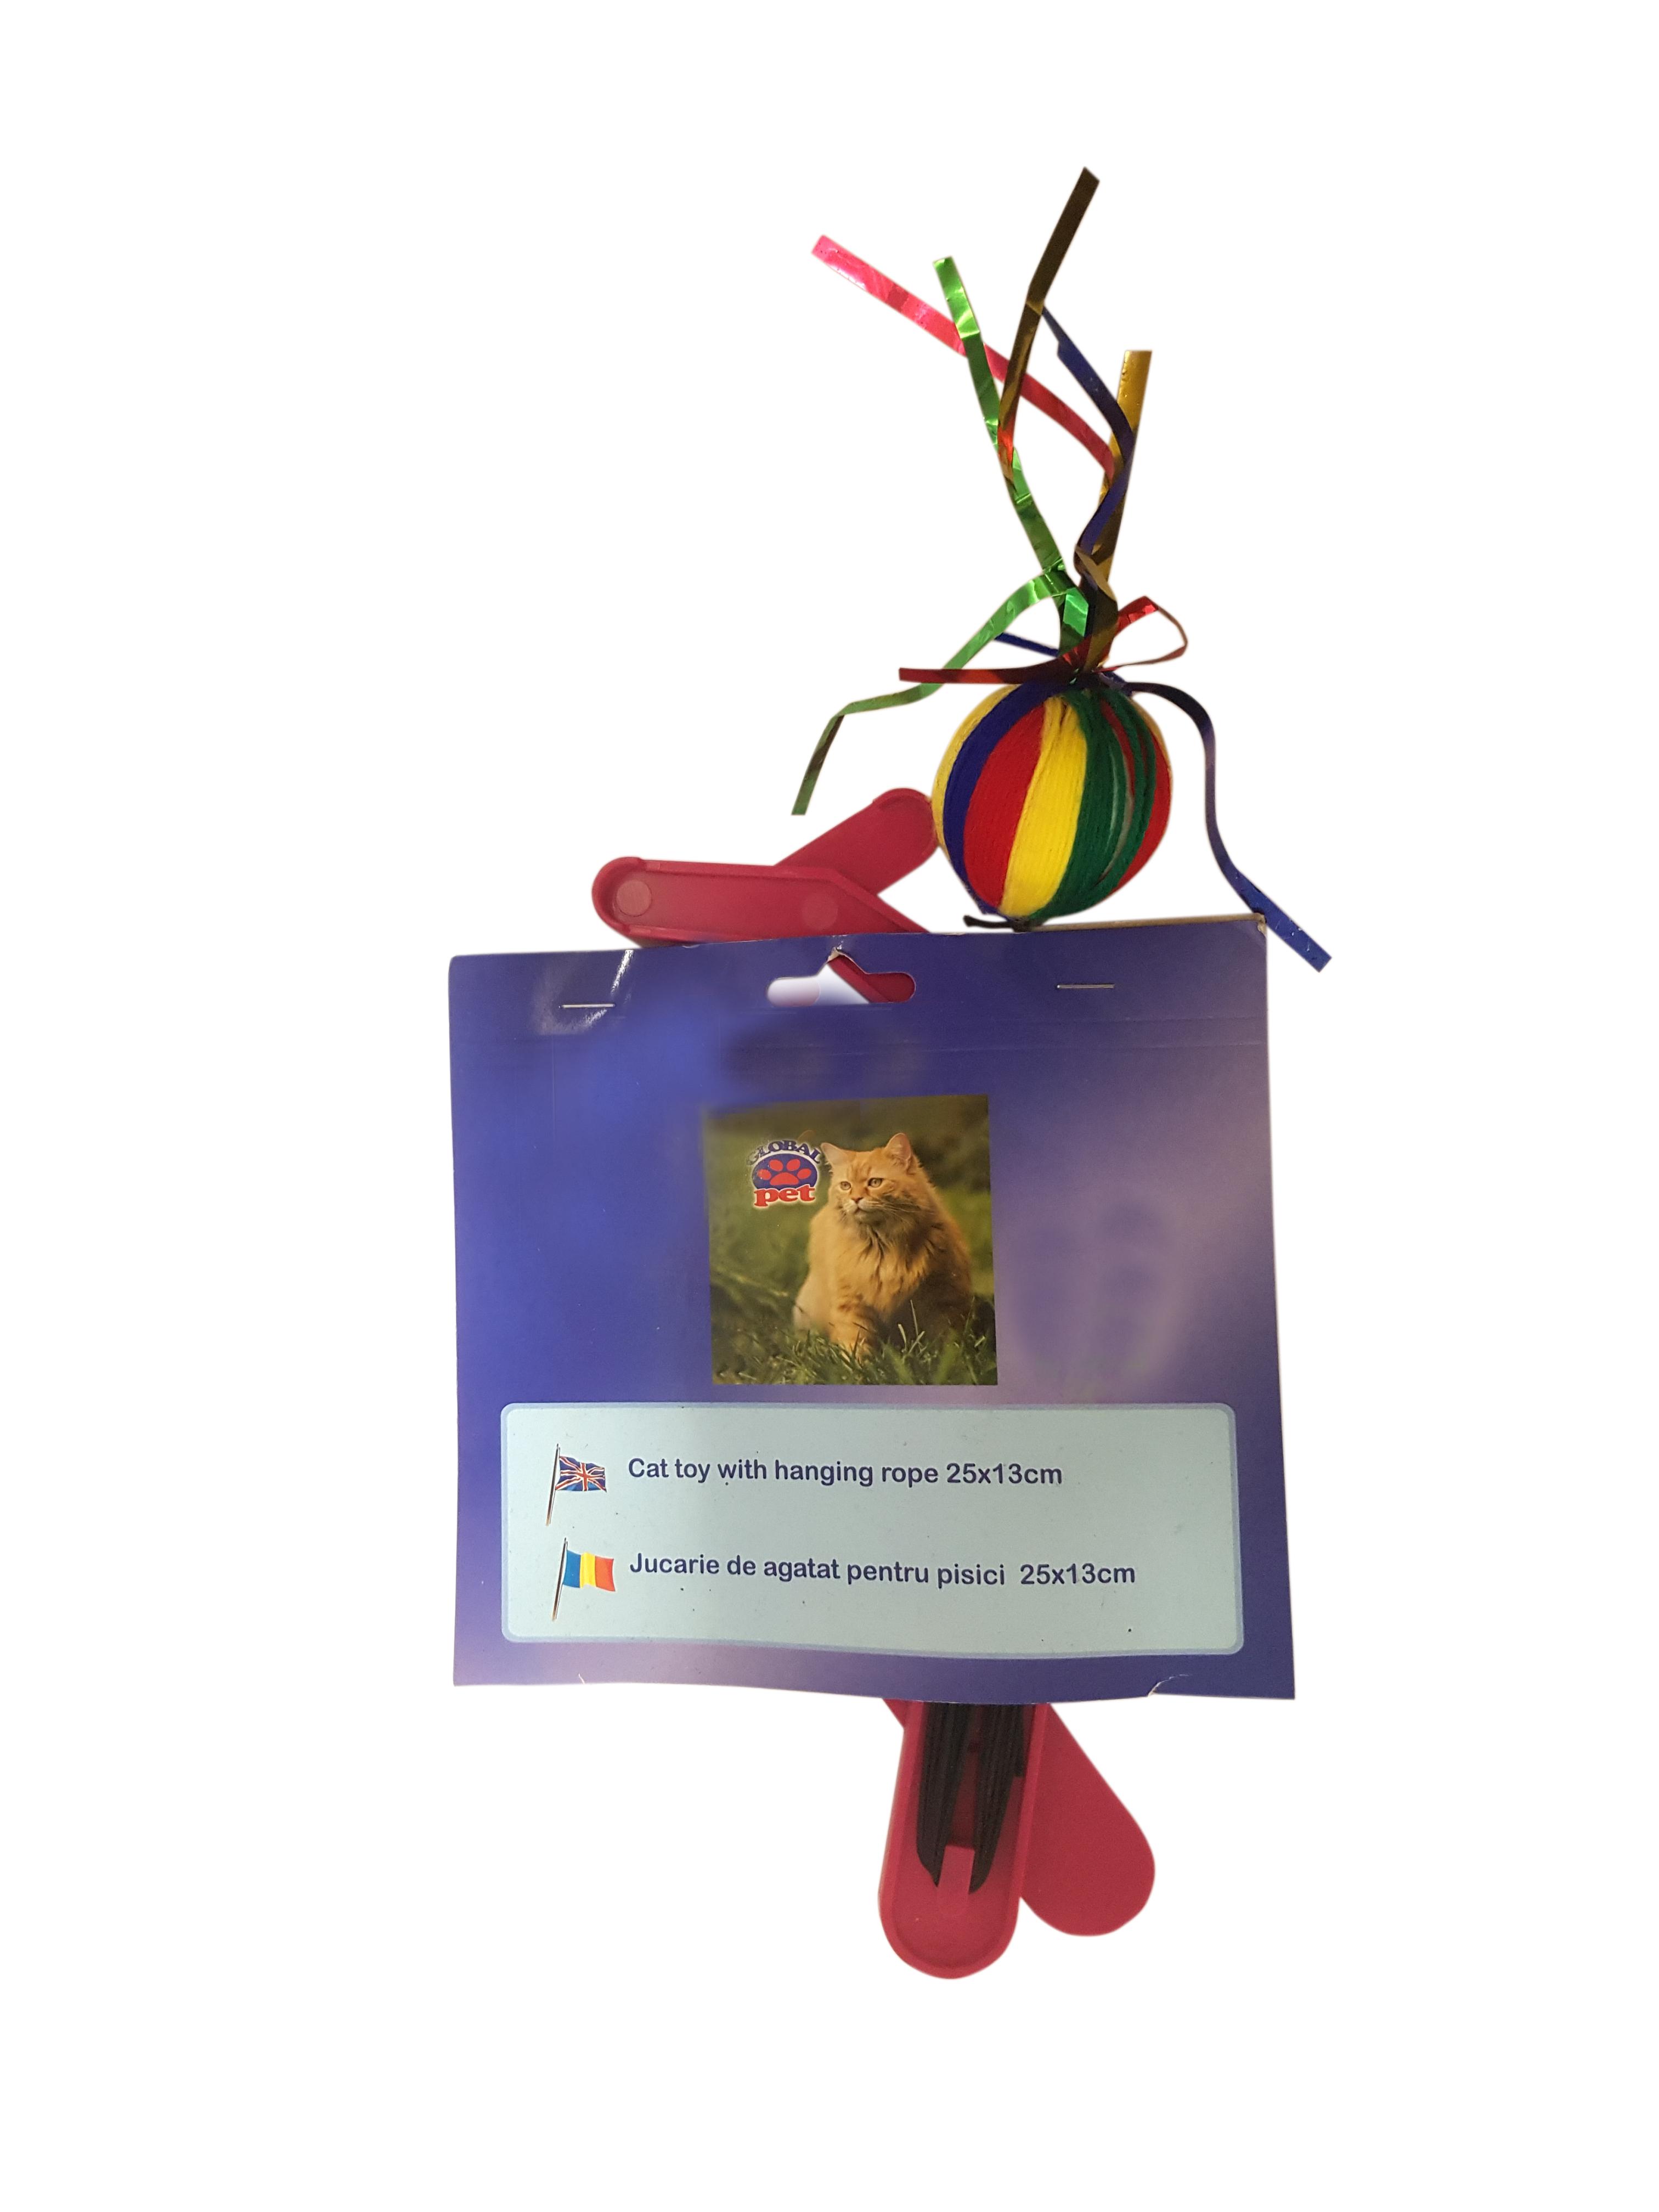 Jucarie de agatat pentru pisici multicolora, Global pet, 25 x 13 cm [0]